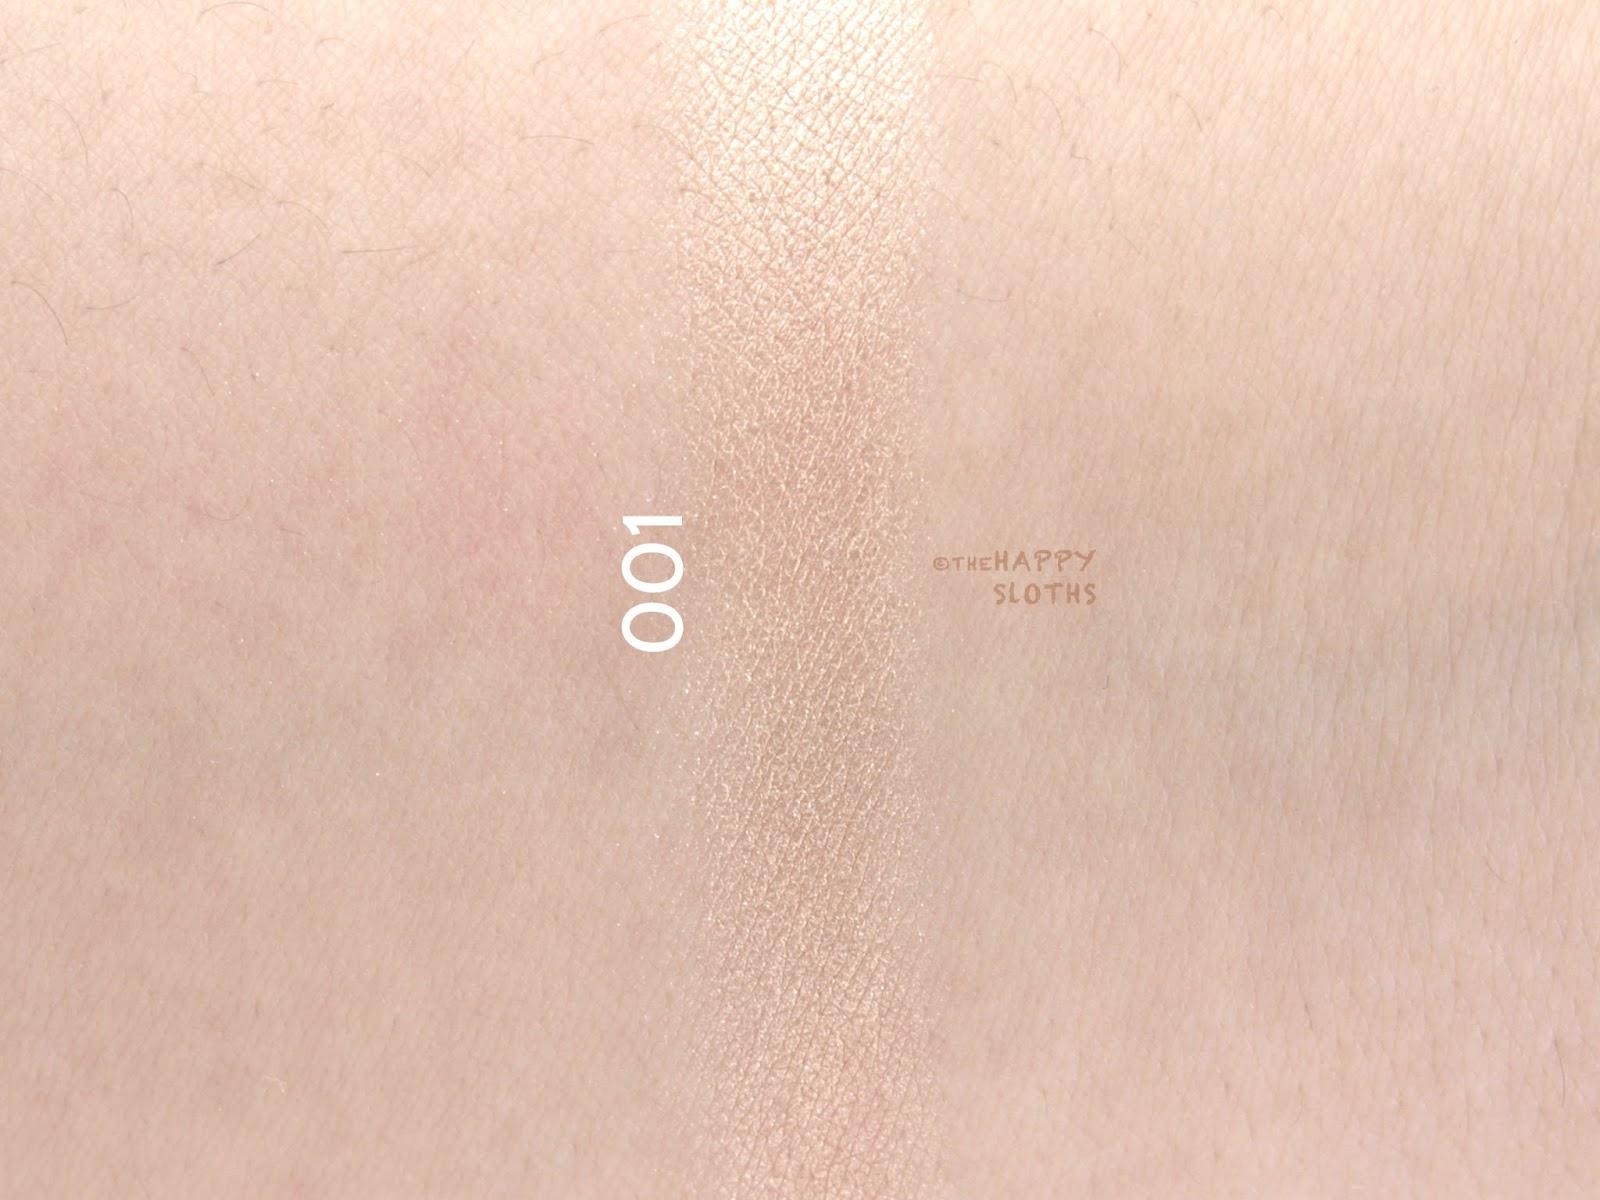 Dior Skyline Fall 2016 | Nude Air Luminizer, Le Vernis